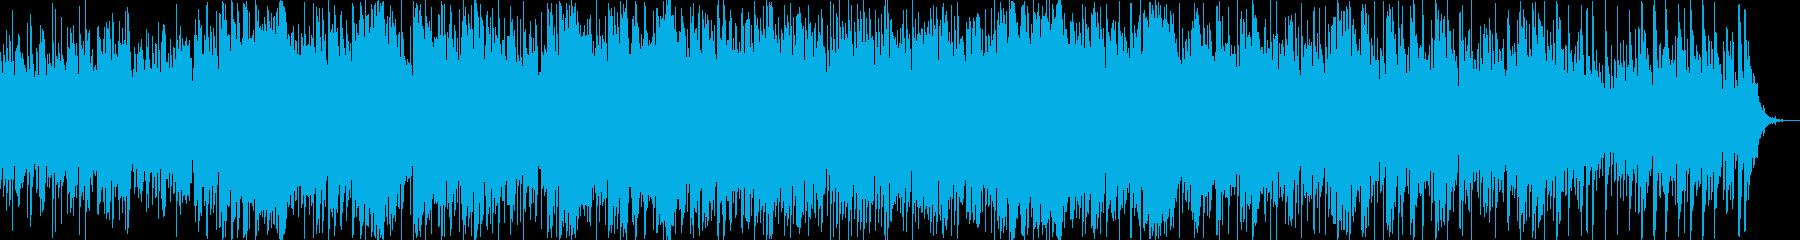 夜の湖畔をイメージしたBGMの再生済みの波形